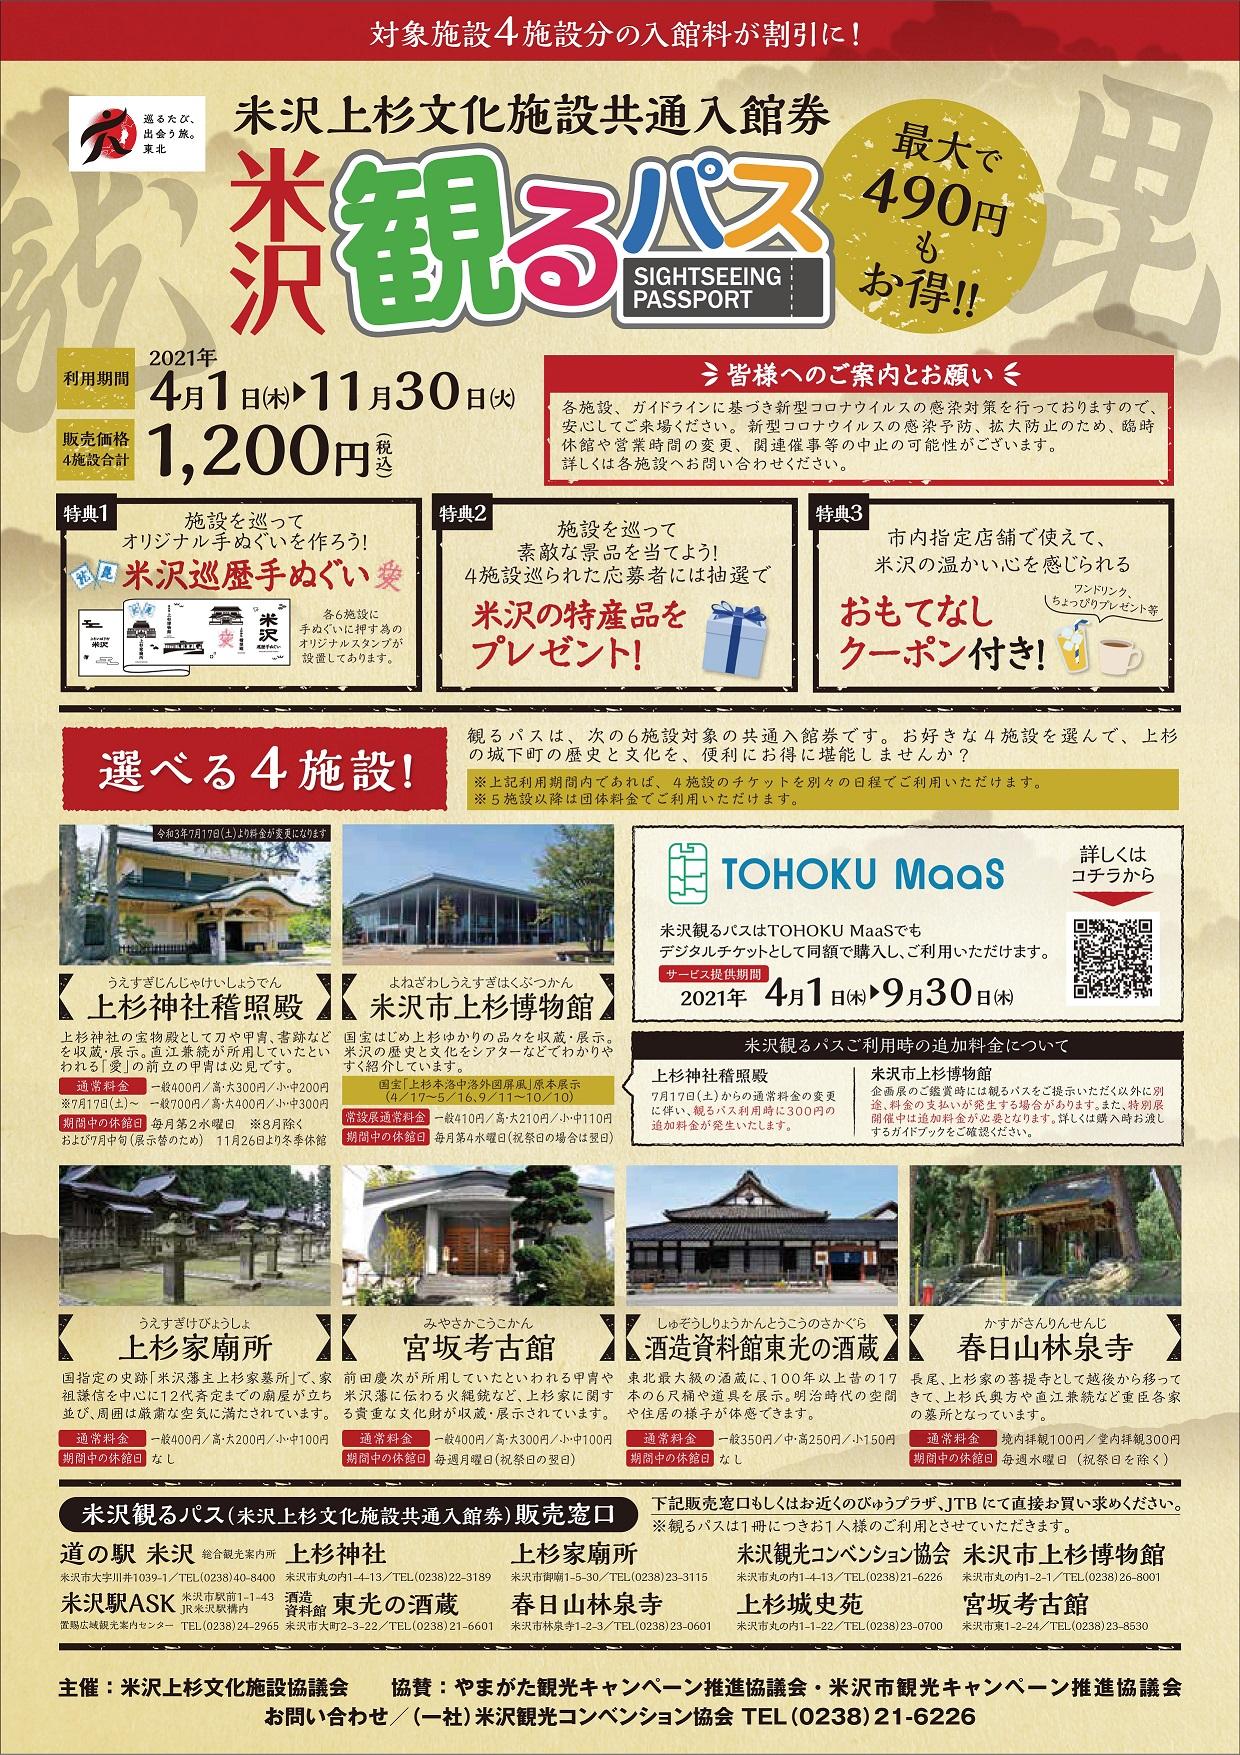 お得な上杉文化施設共通入館券「米沢観るパス」4月〜11月までご利用いただけます!:画像